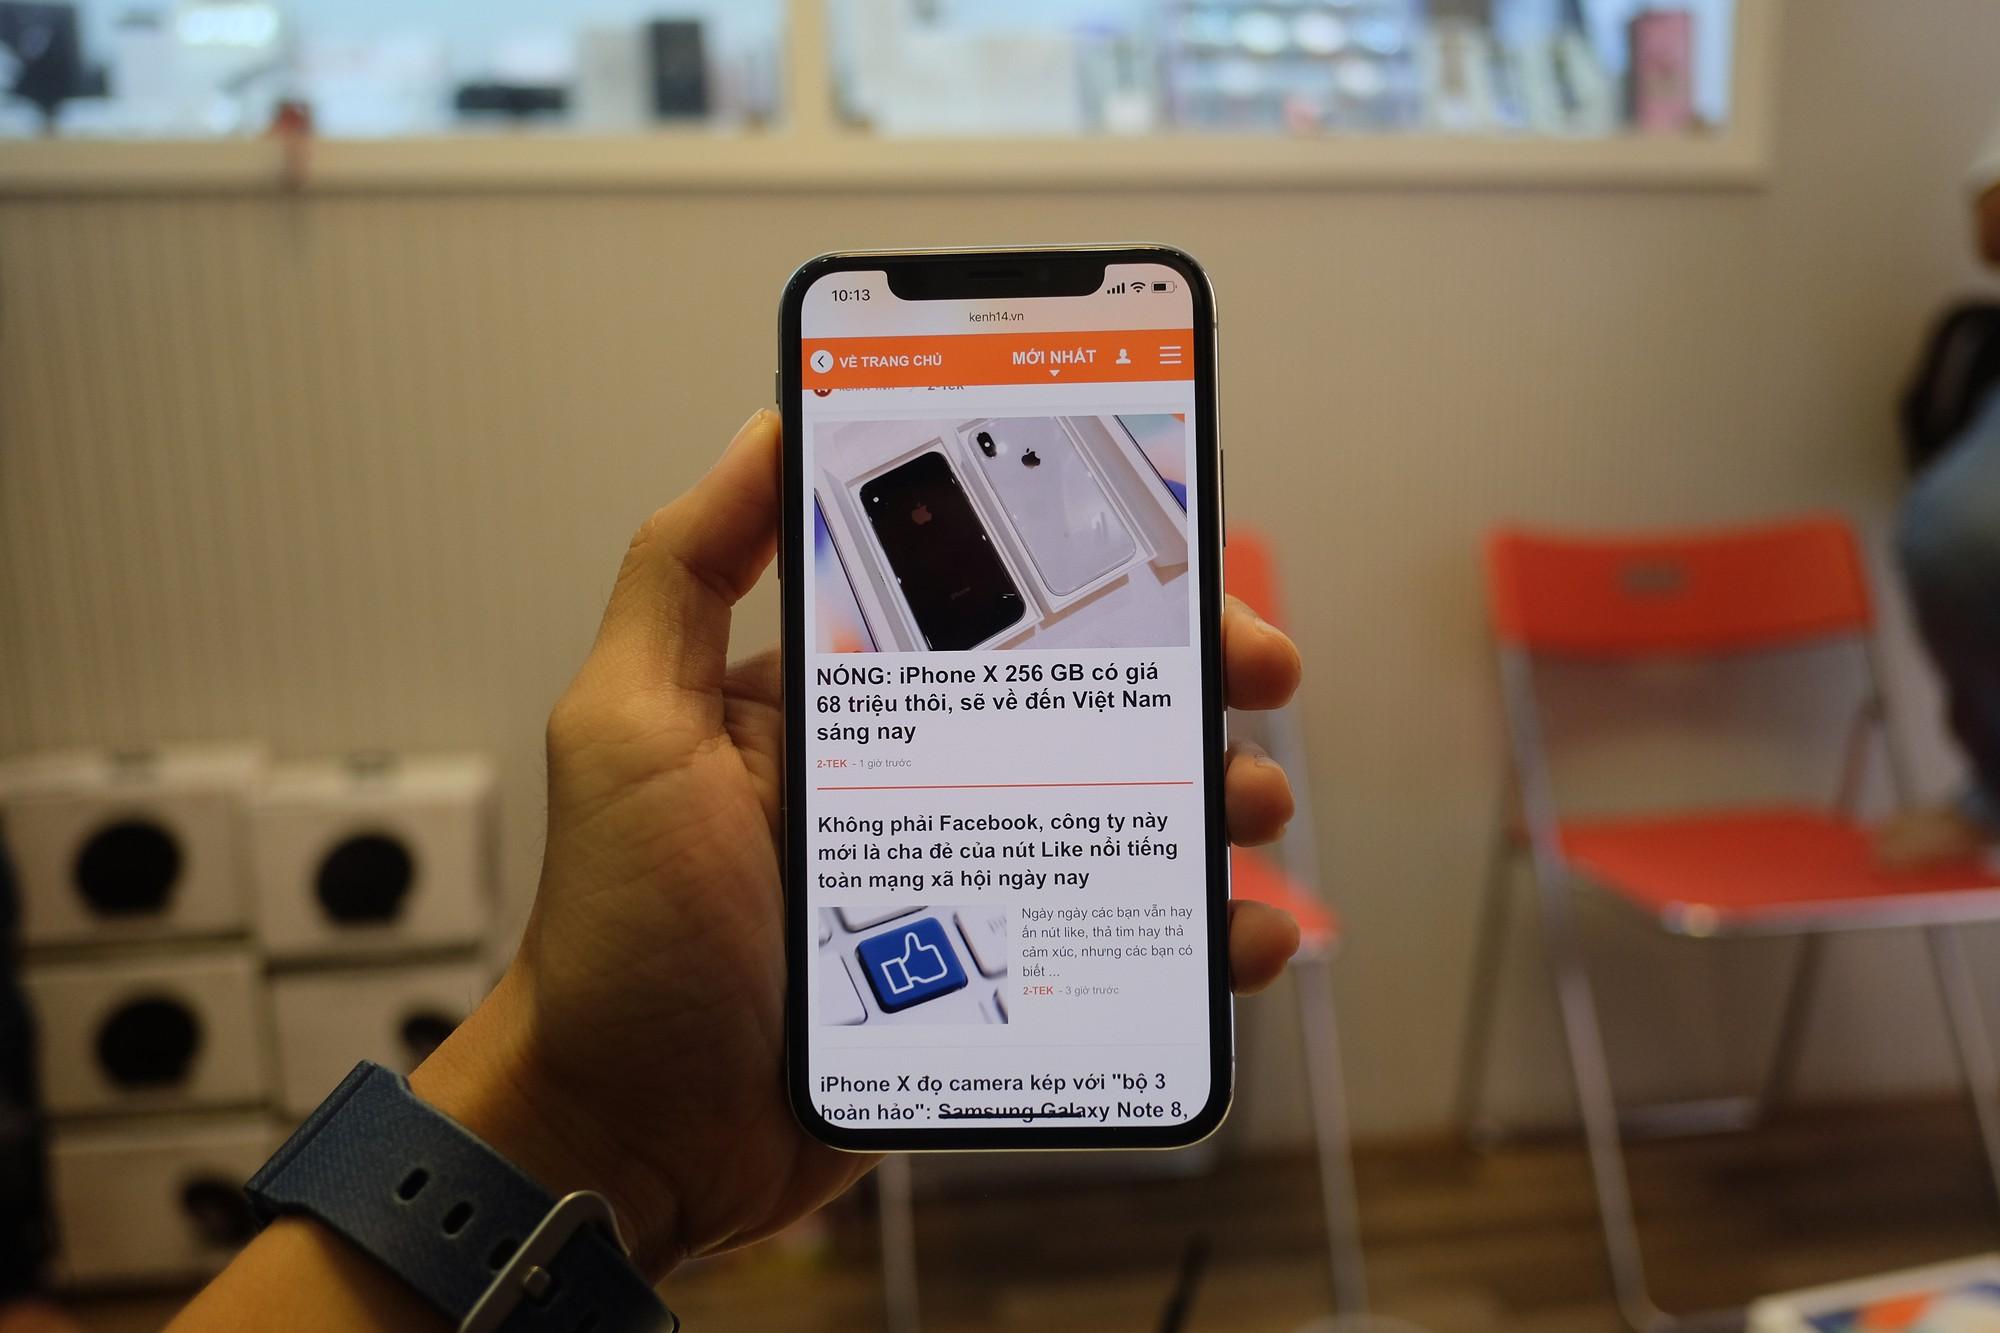 iPhone X giá 68 triệu đây rồi: Màn hình đẹp sắc sảo, thiết kế toàn diện, thao tác hoàn toàn mới 20